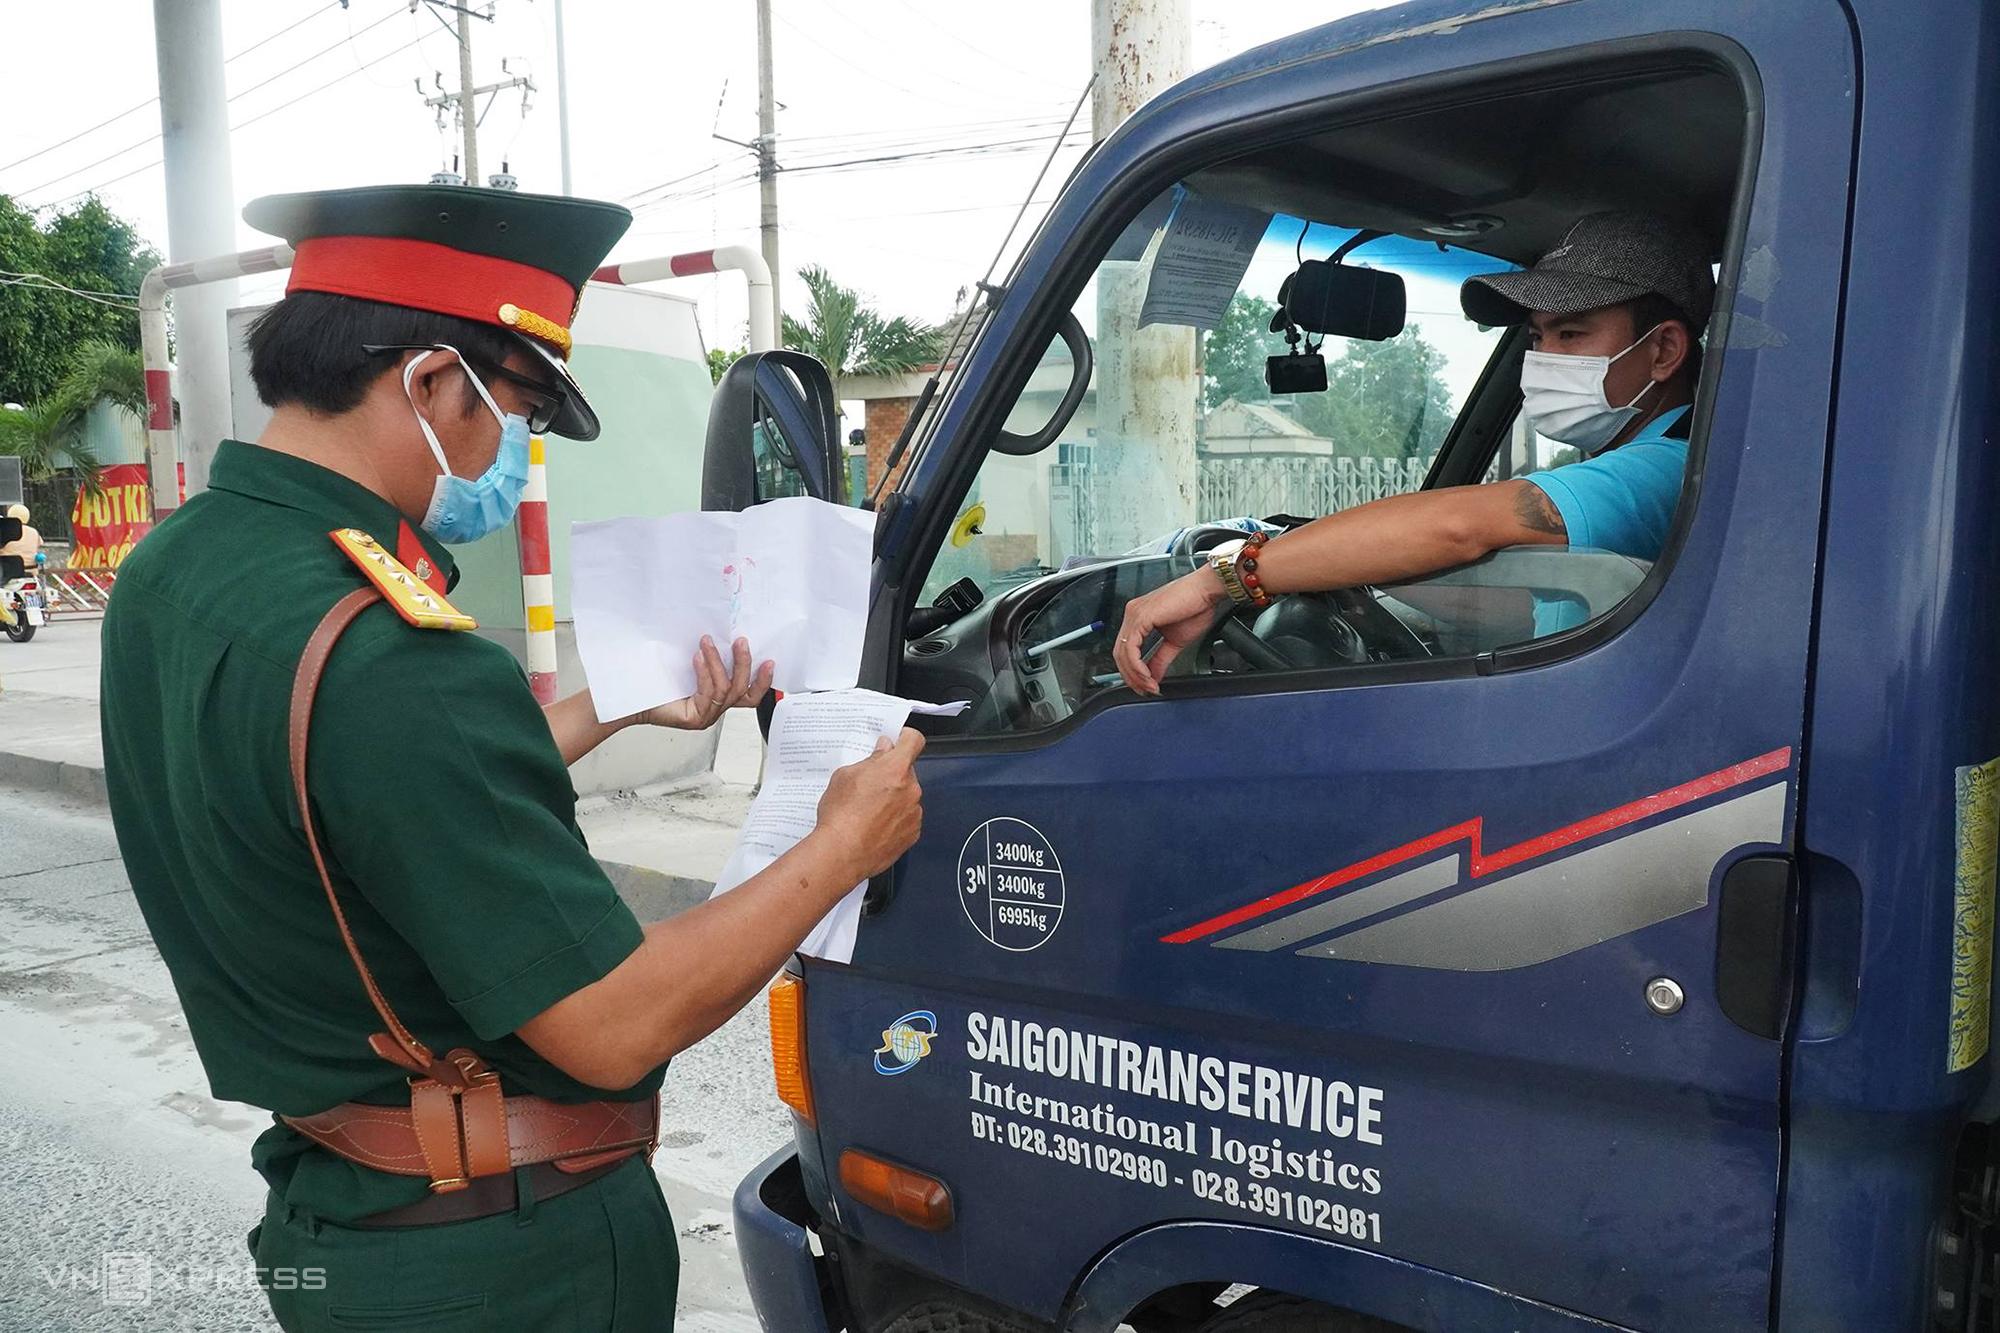 Xe không có thẻ nhận diện luồng xanh được kiểm tra tại chốt kiểm dịch trên quốc lộ 1K trước khi vào tỉnh Đồng Nai trưa 23/7. Ảnh: Phước Tuấn